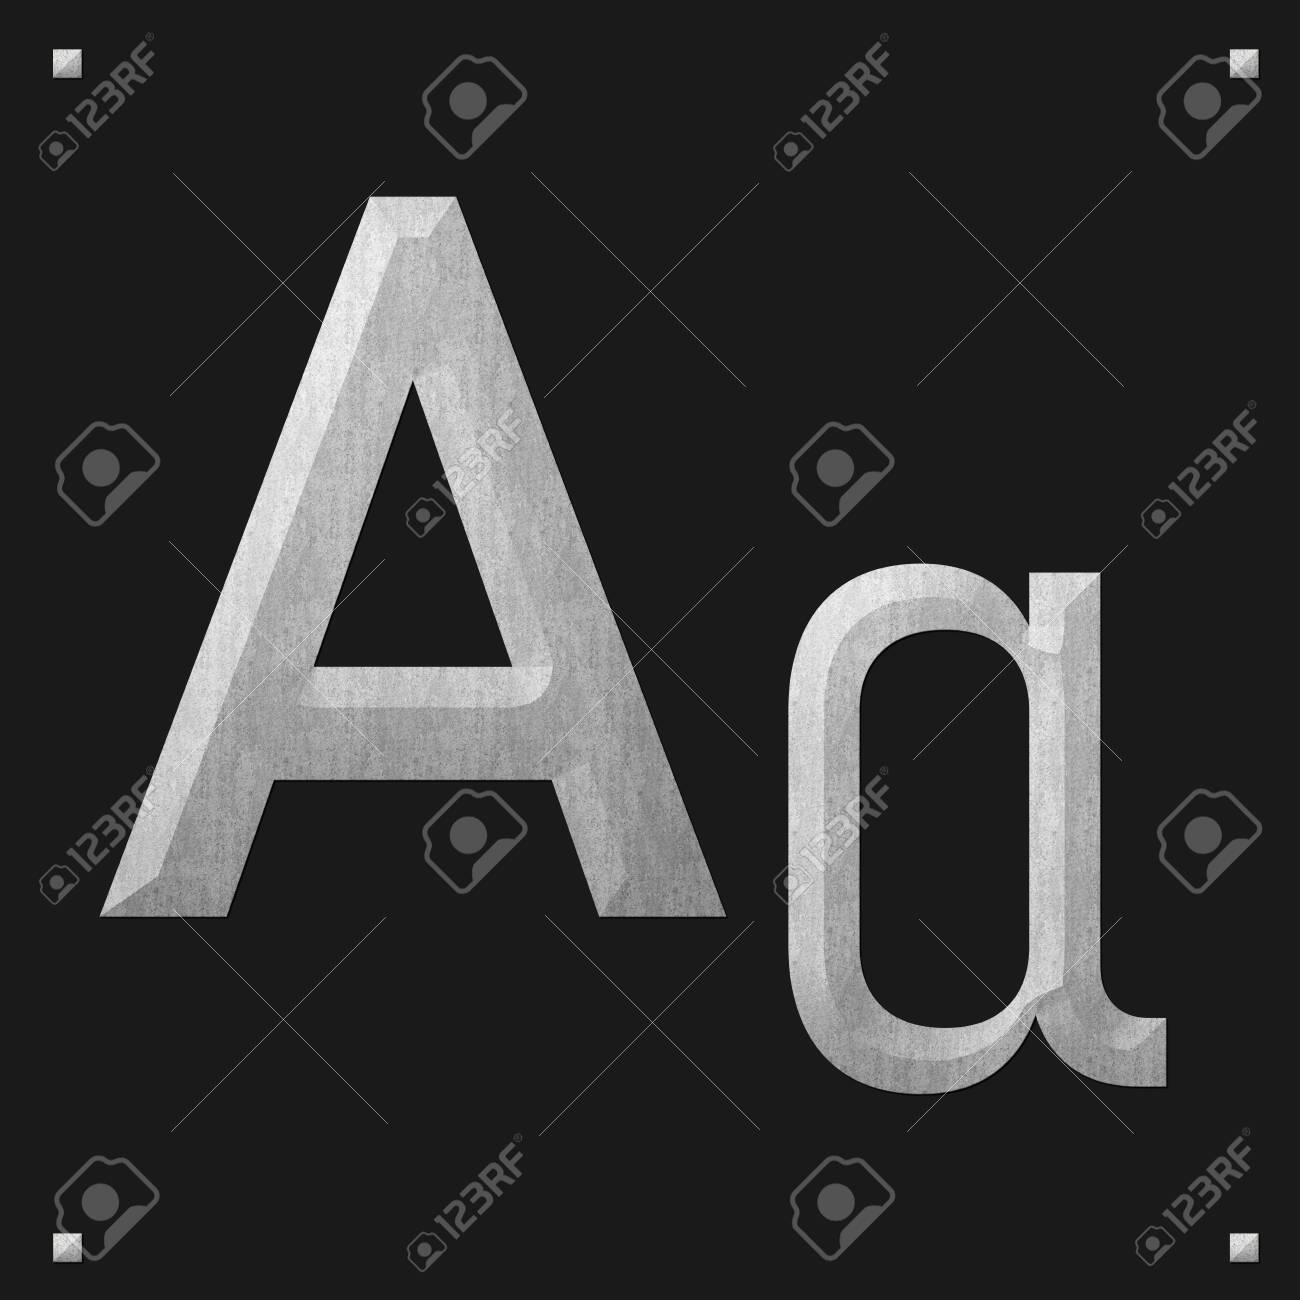 Greek alphabet stone texture, Alpha on dark background - 151682020